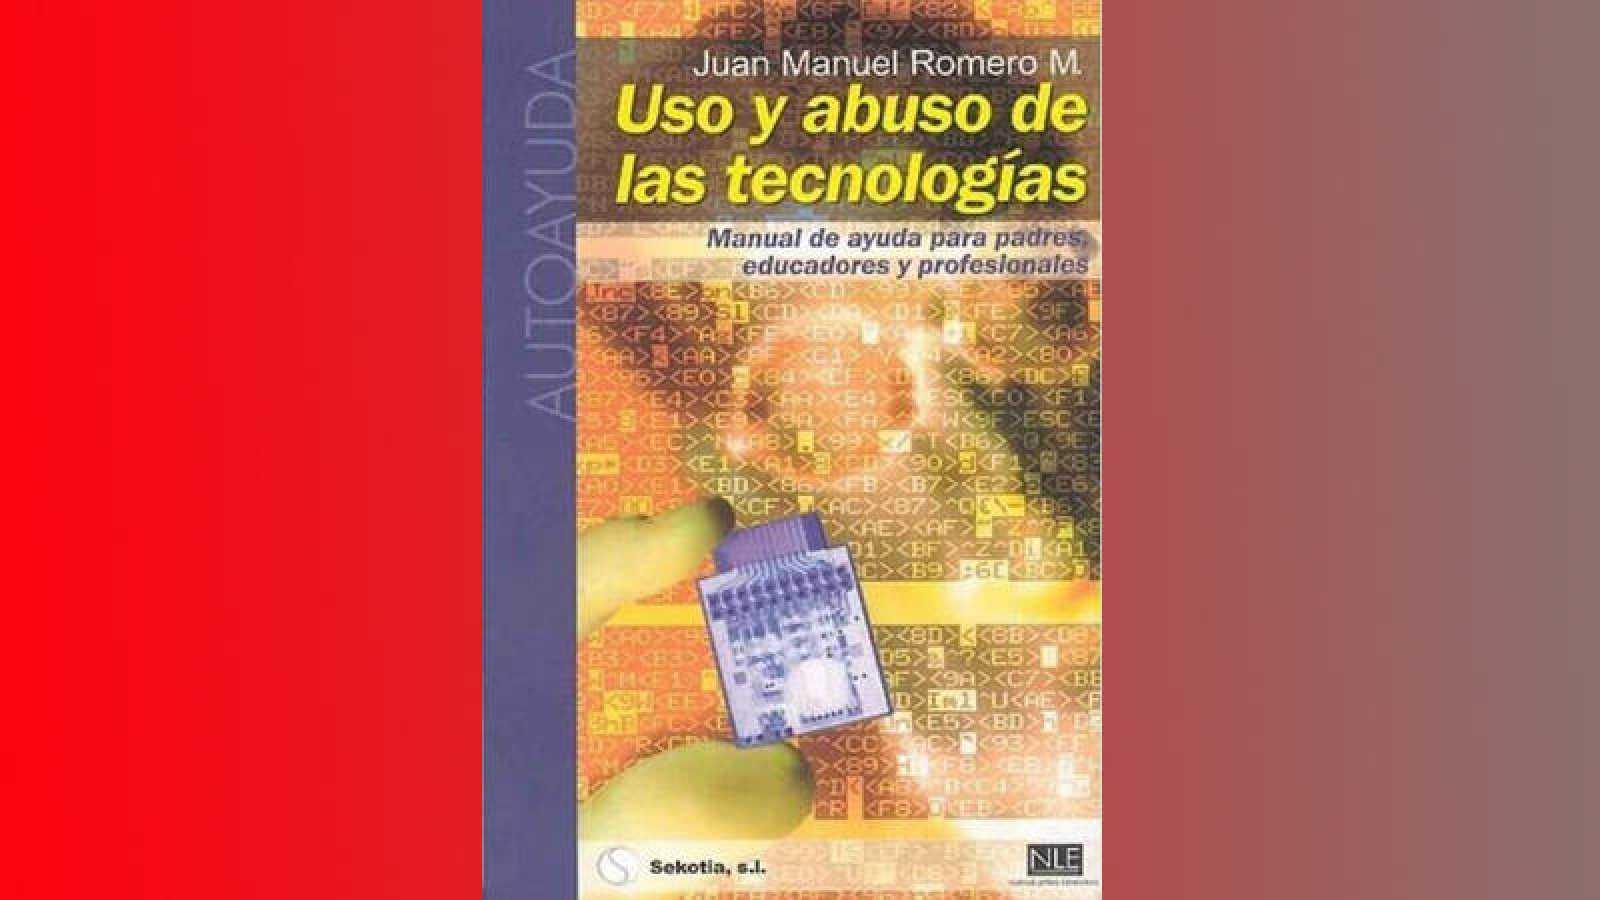 Uso y abuso de las tecnologías